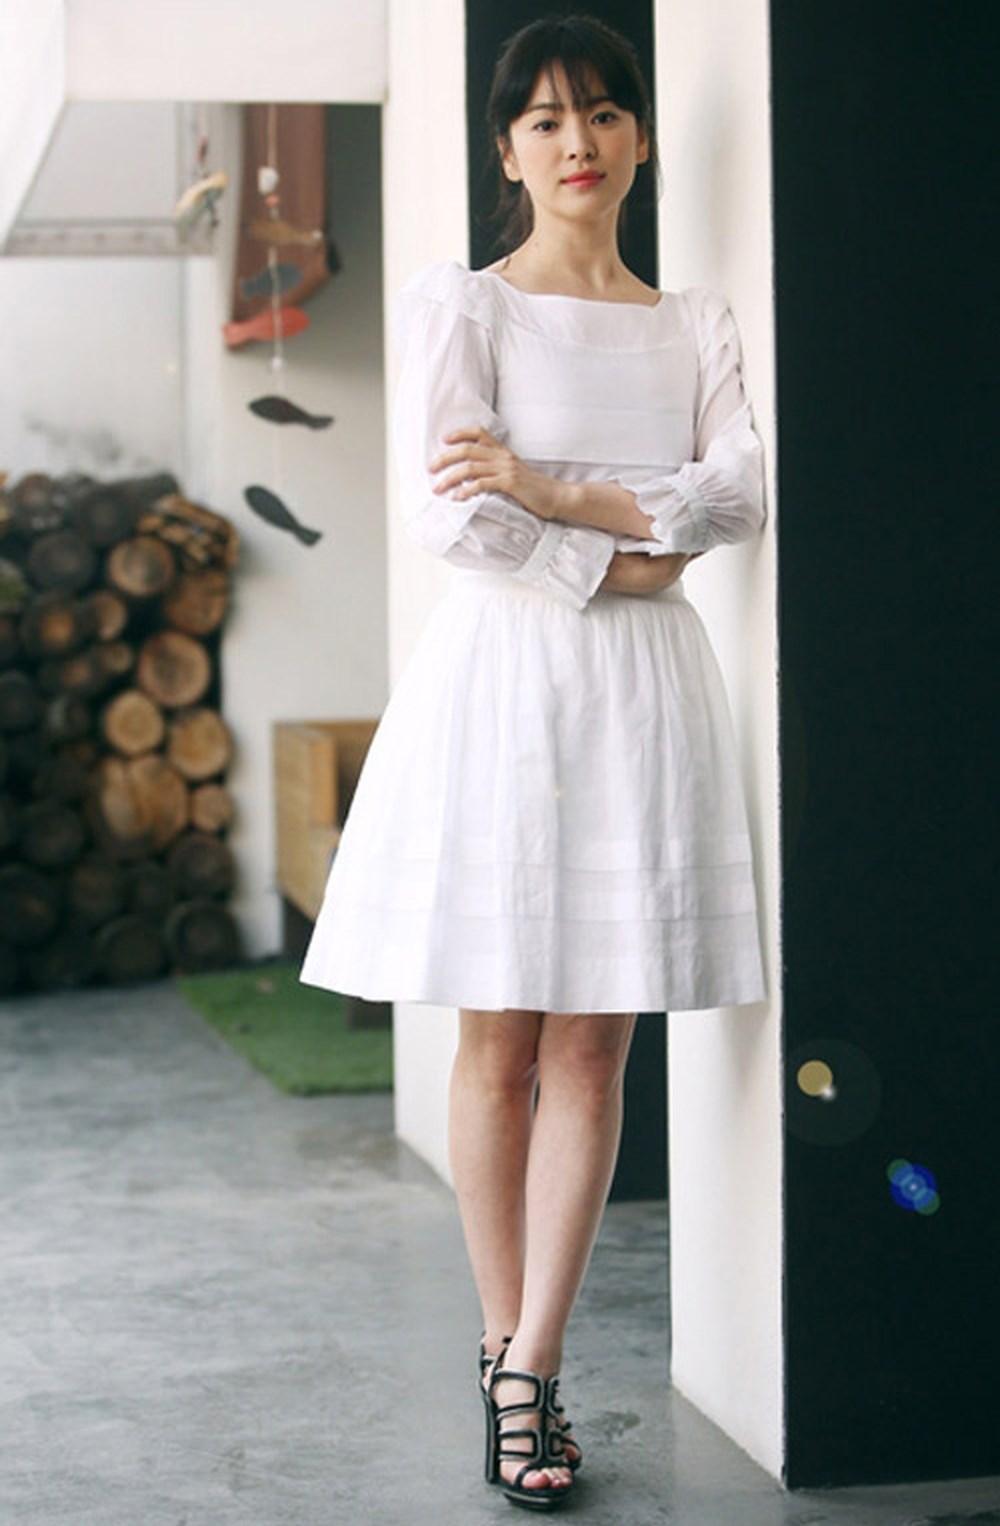 Rút kinh nghiệm từ Song Hye Kyo, chị em sẽ biết mẫu giày nào nên - không nên diện nếu sở hữu cặp chân ngắn và hơi thô - Ảnh 3